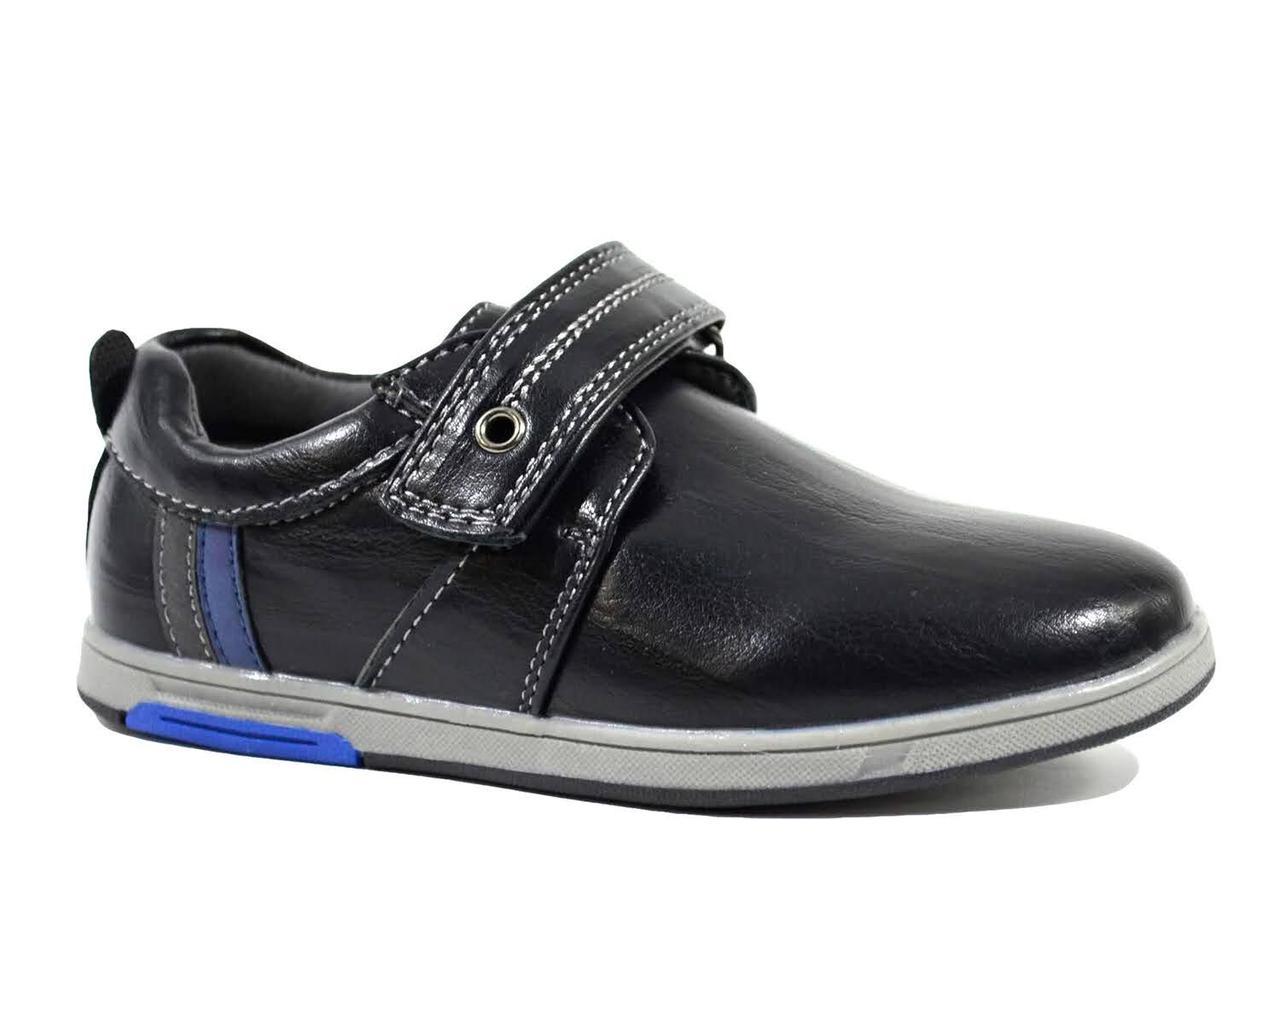 Черные школьные туфли TOM M для мальчиков 27-29 р